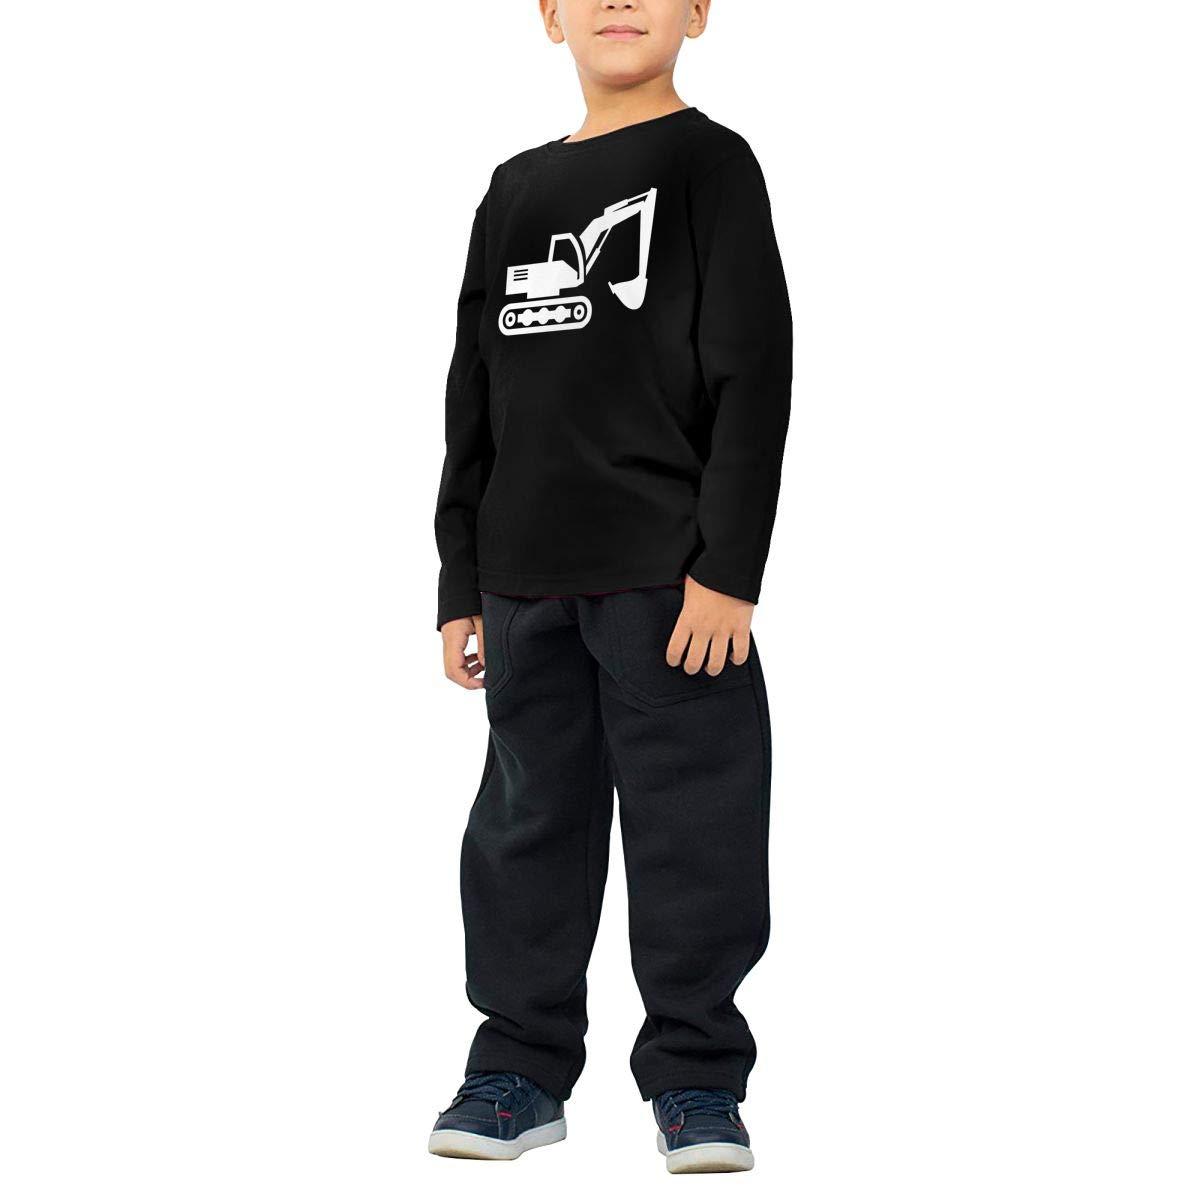 Little Girls Digger Silhouette 2-1 ComfortSoft Long Sleeve T-Shirt